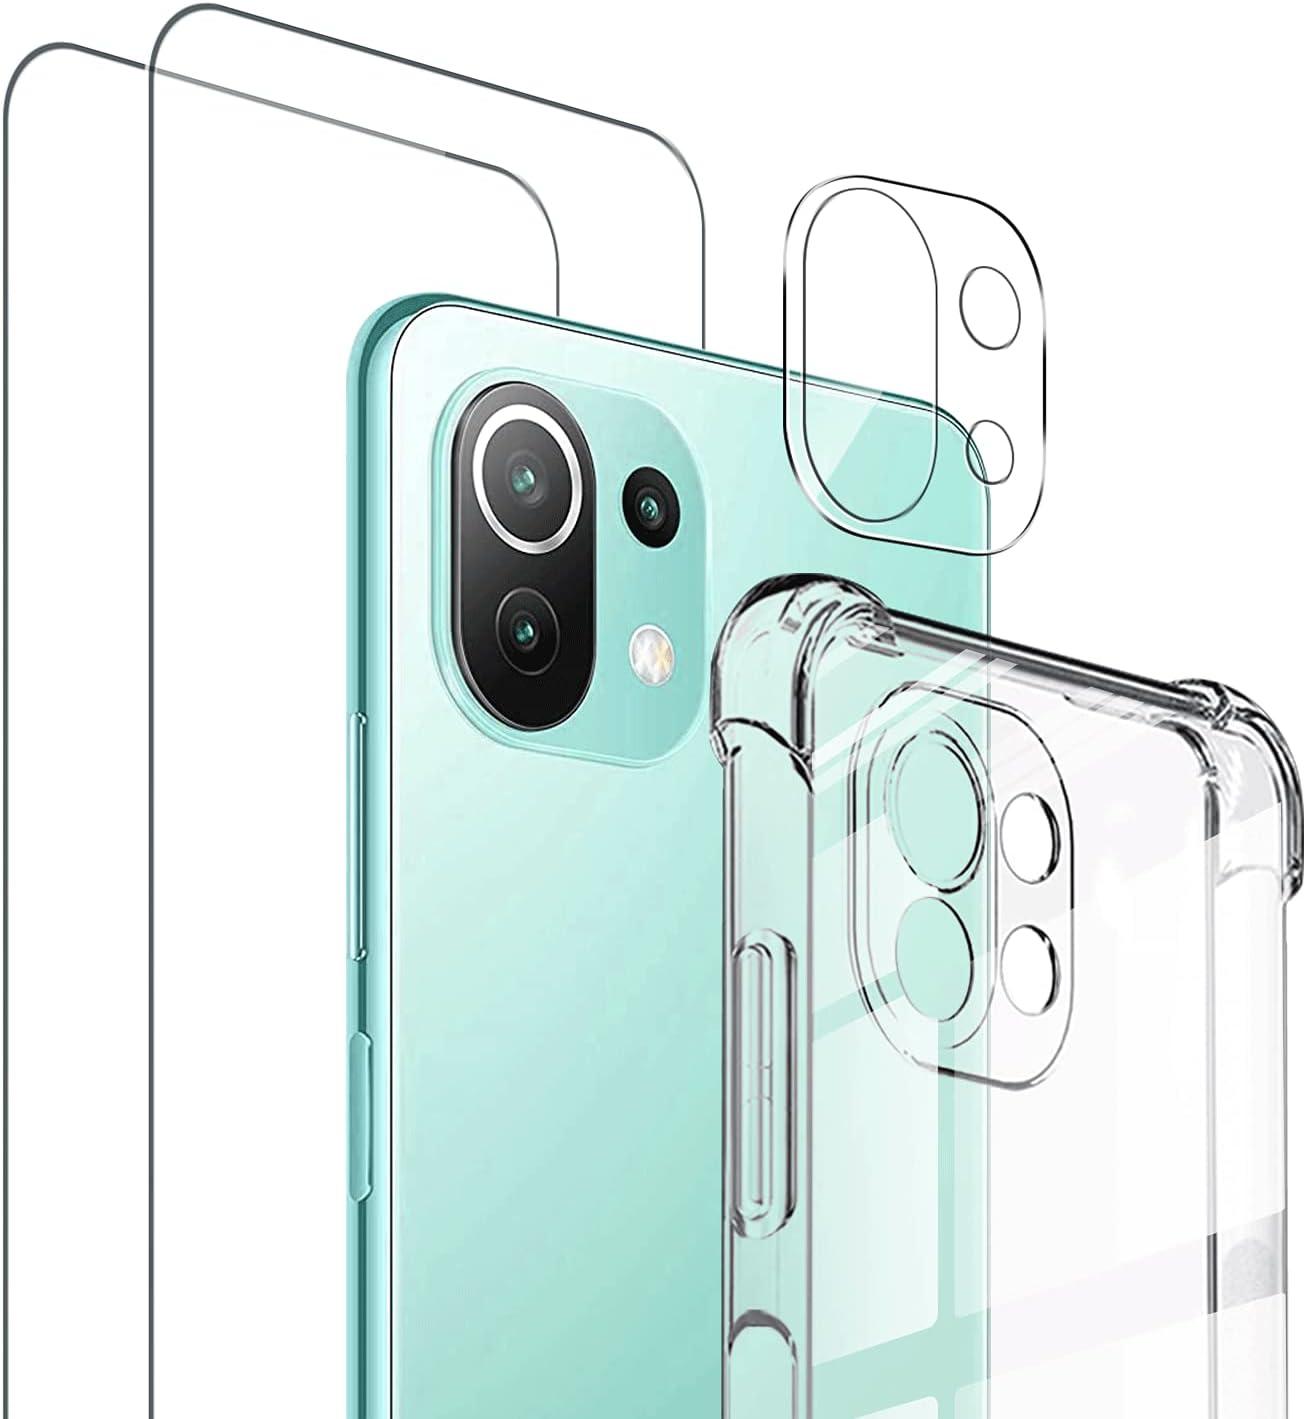 Vauki Funda Xiaomi Mi 11 Lite 4G/5G con 2 Pack 9H Cristal Templado y 1 Vidrio HD Cámara Protector de Pantalla, Transparente Silicona 360 Grados Protector Carcasa con Air Cushion Antigolpes 6.55